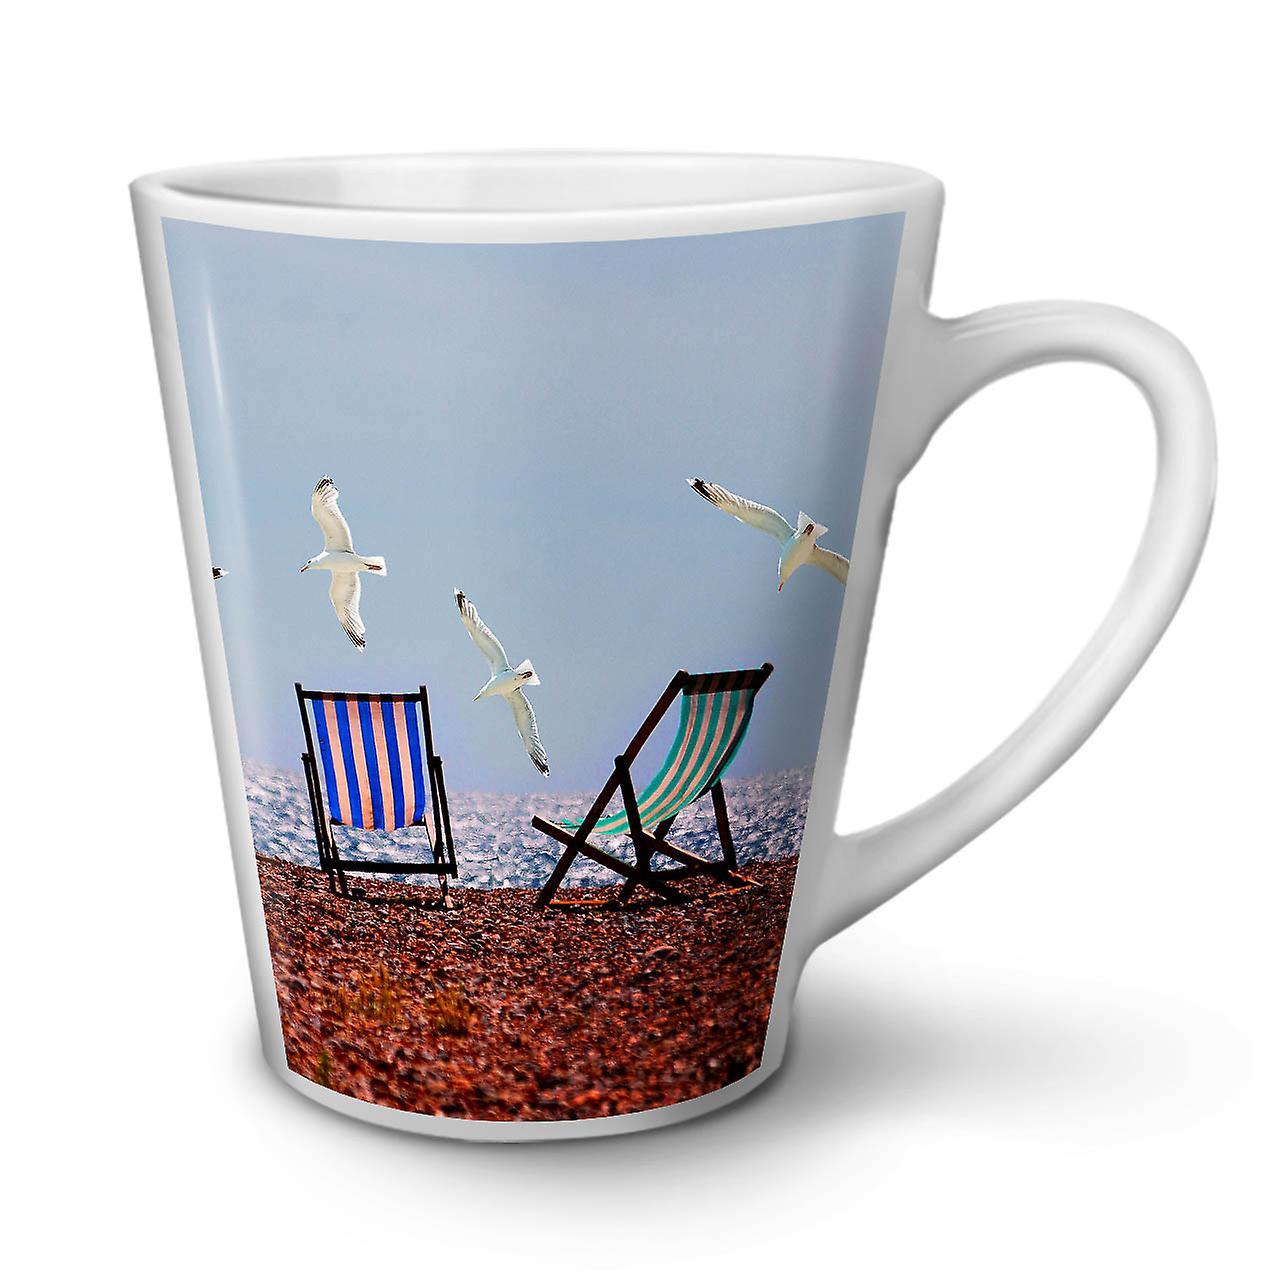 OzWellcoda 12 Sea White New Tea Photo Latte Flock Ceramic Coffee Mug xerdCQoBW